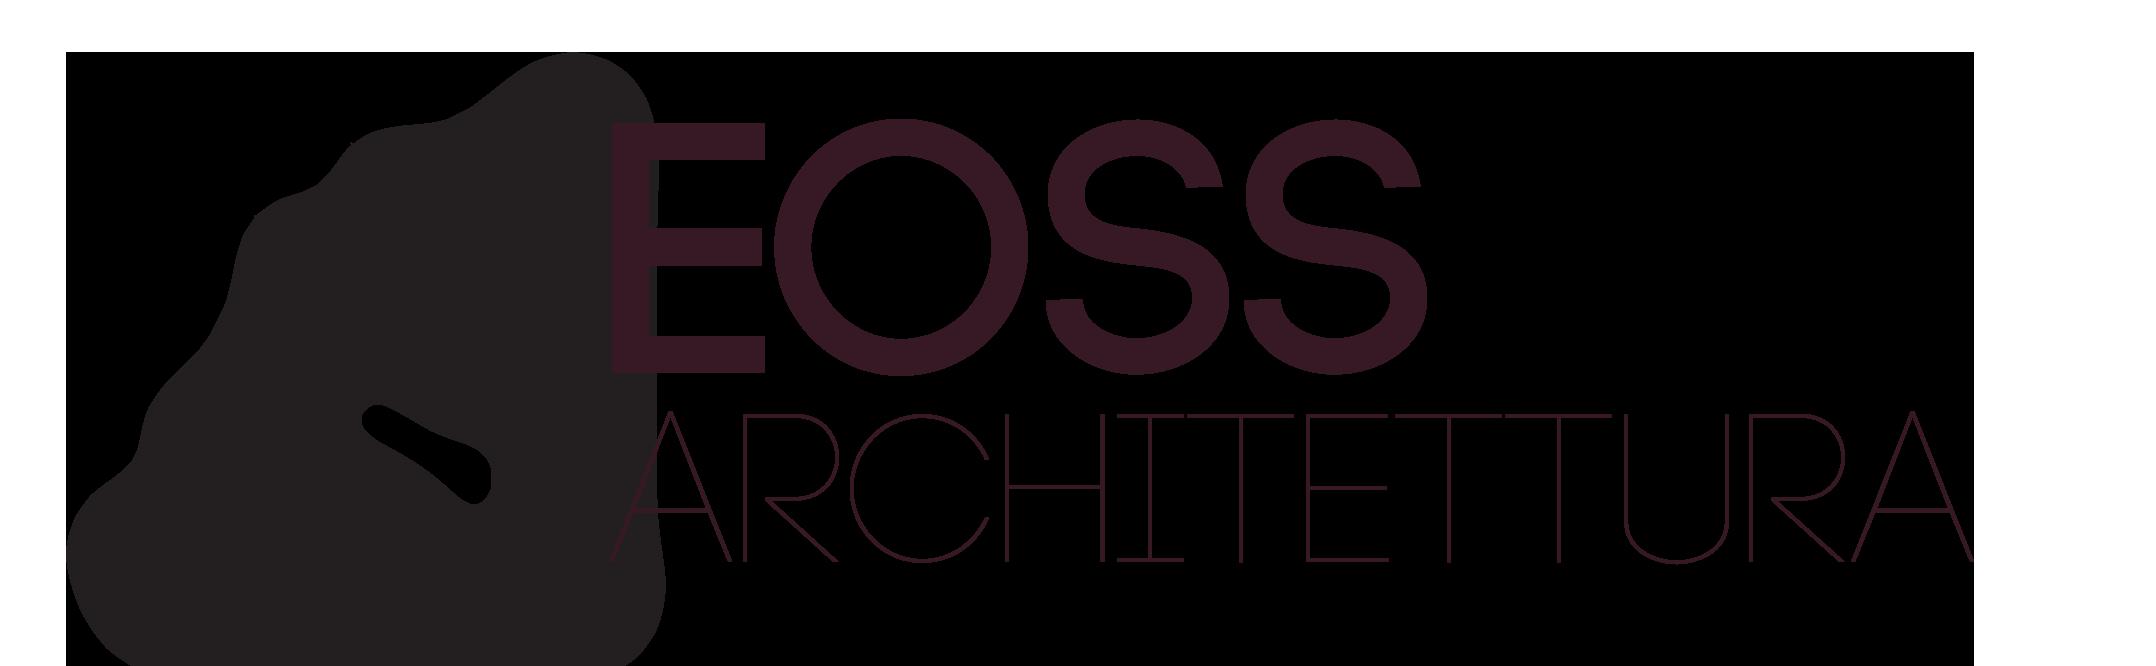 EOSS Architettura